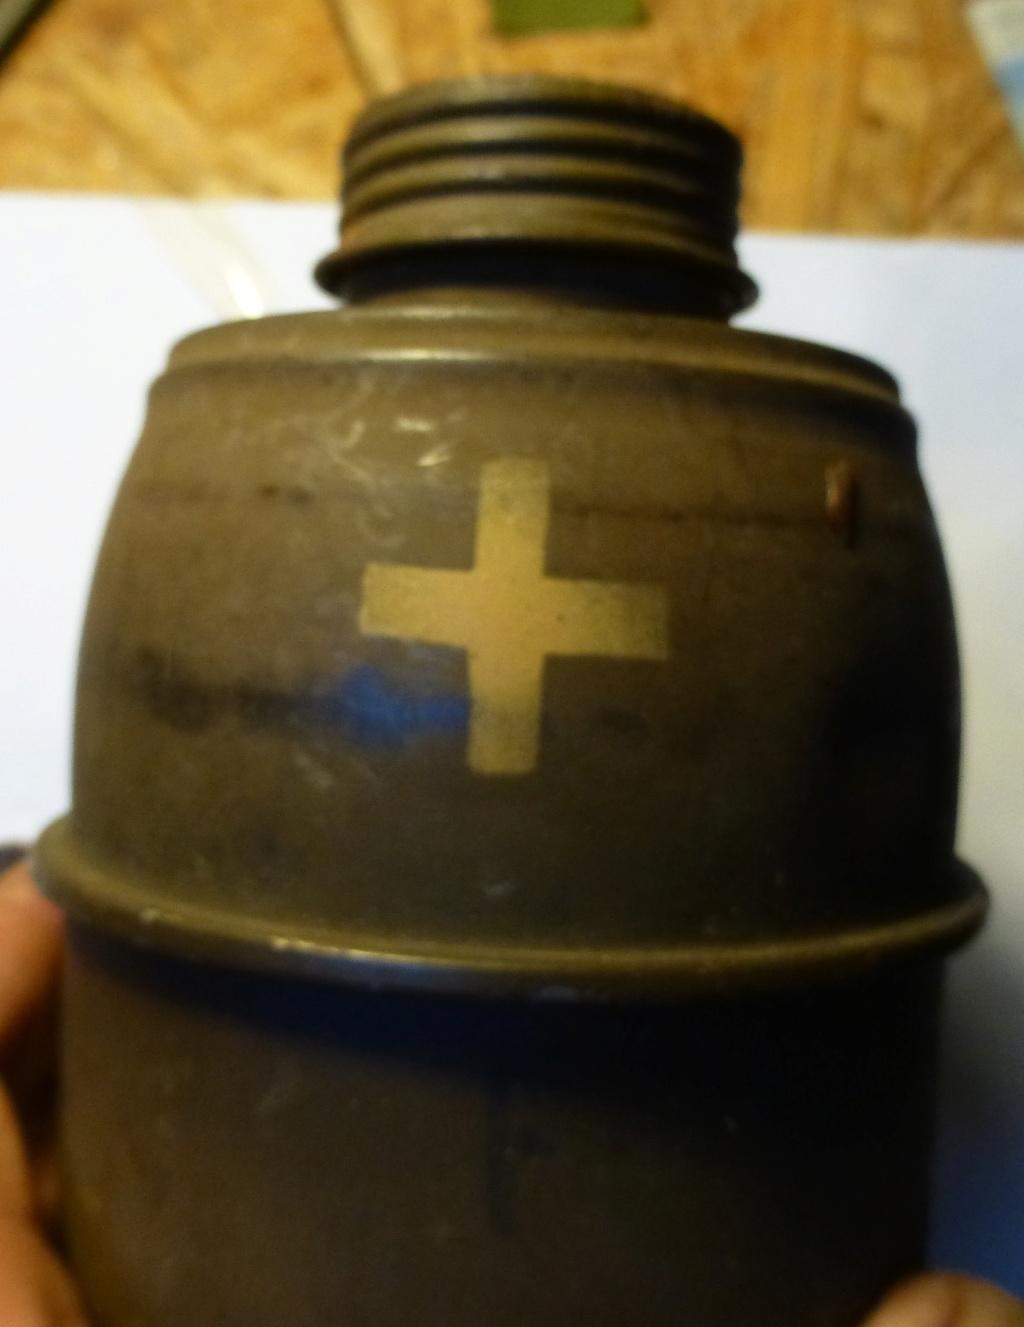 croix sur cartouche mod 35 de masque à gaz  P1070336